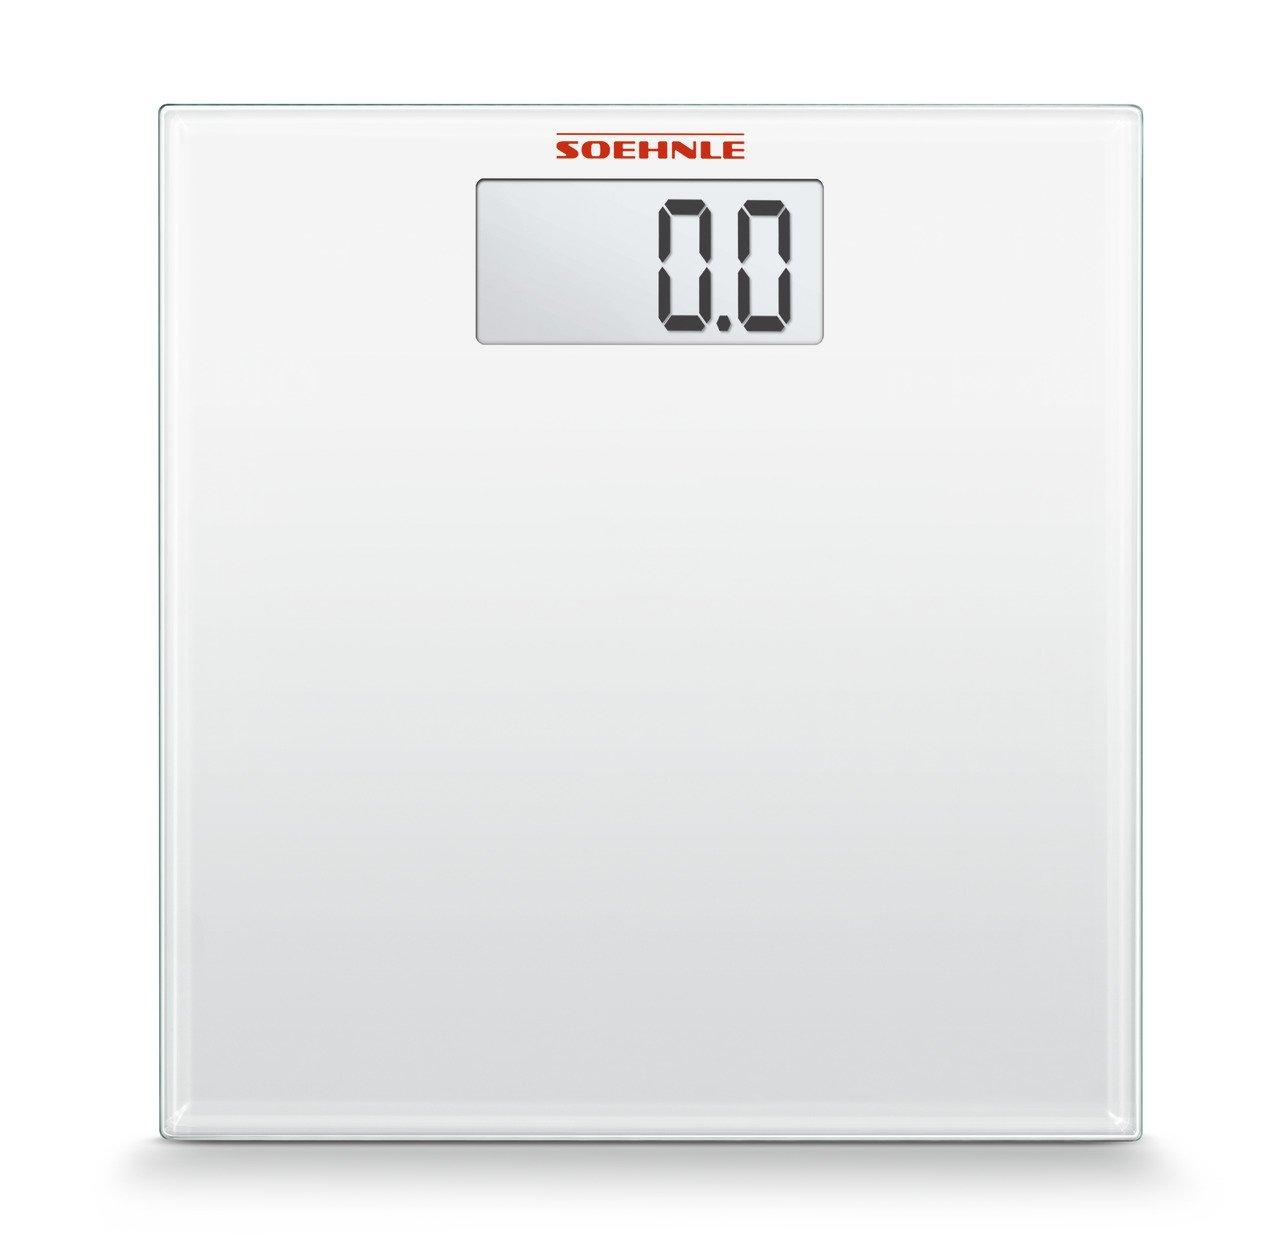 Soehnle 63757 - Báscula de baño digital, diseño sencillo: Amazon.es: Salud y cuidado personal